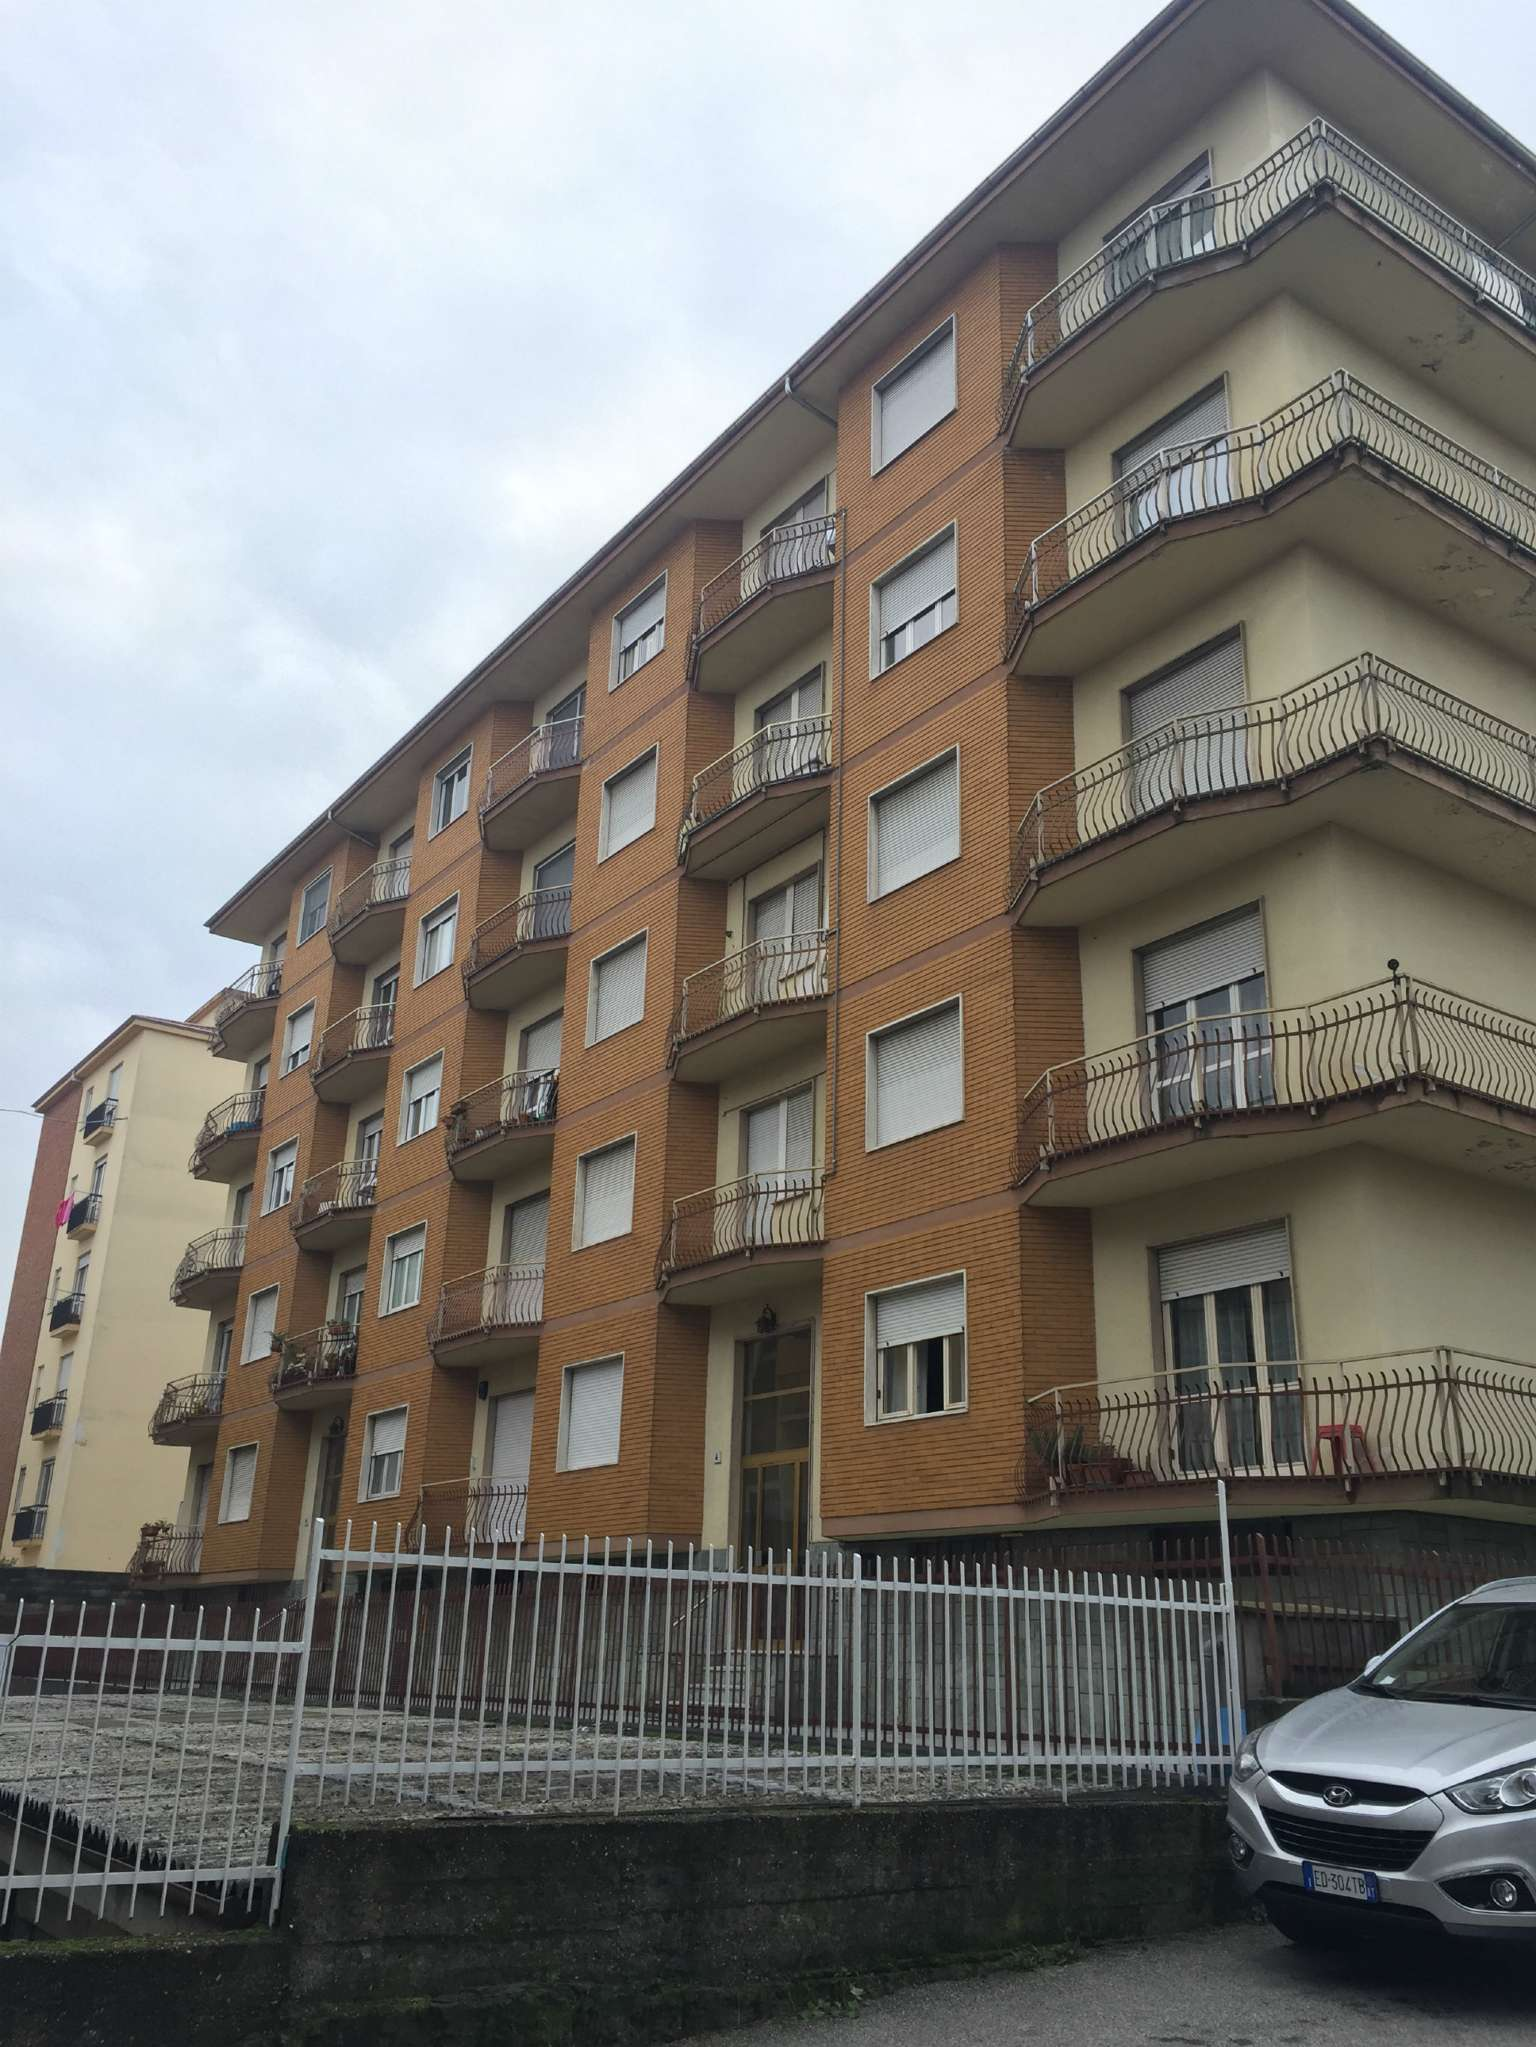 Appartamento in vendita a Asti, 3 locali, prezzo € 75.000 | CambioCasa.it